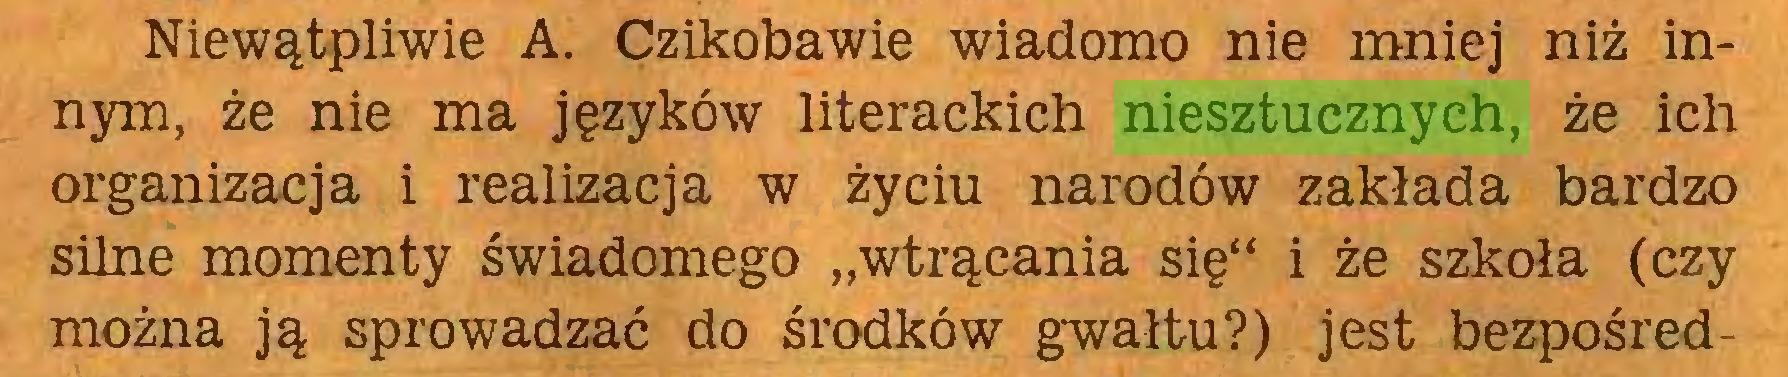 """(...) Niewątpliwie A. Czikobawie wiadomo nie mniej niż innym, że nie ma języków literackich niesztucznych, że ich organizacja i realizacja w życiu narodów zakłada bardzo silne momenty świadomego """"wtrącania się"""" i że szkoła (czy można ją sprowadzać do środków gwałtu?) jest bezpośred..."""